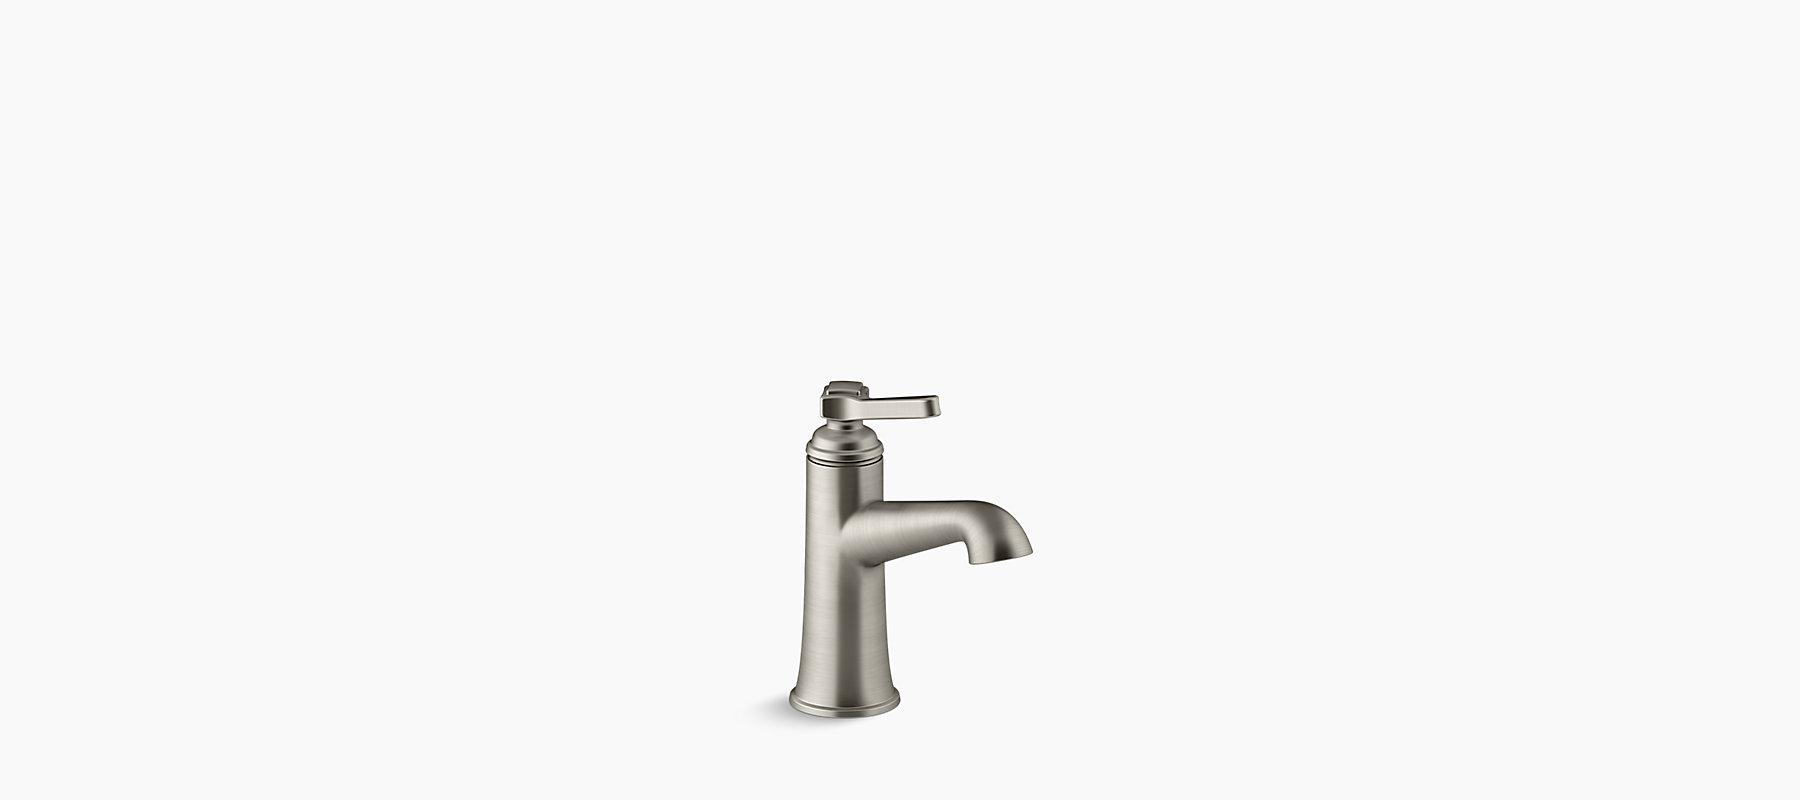 KRD Georgeson SingleHandle Bathroom Sink Faucet KOHLER - Discontinued kohler bathroom sink faucets